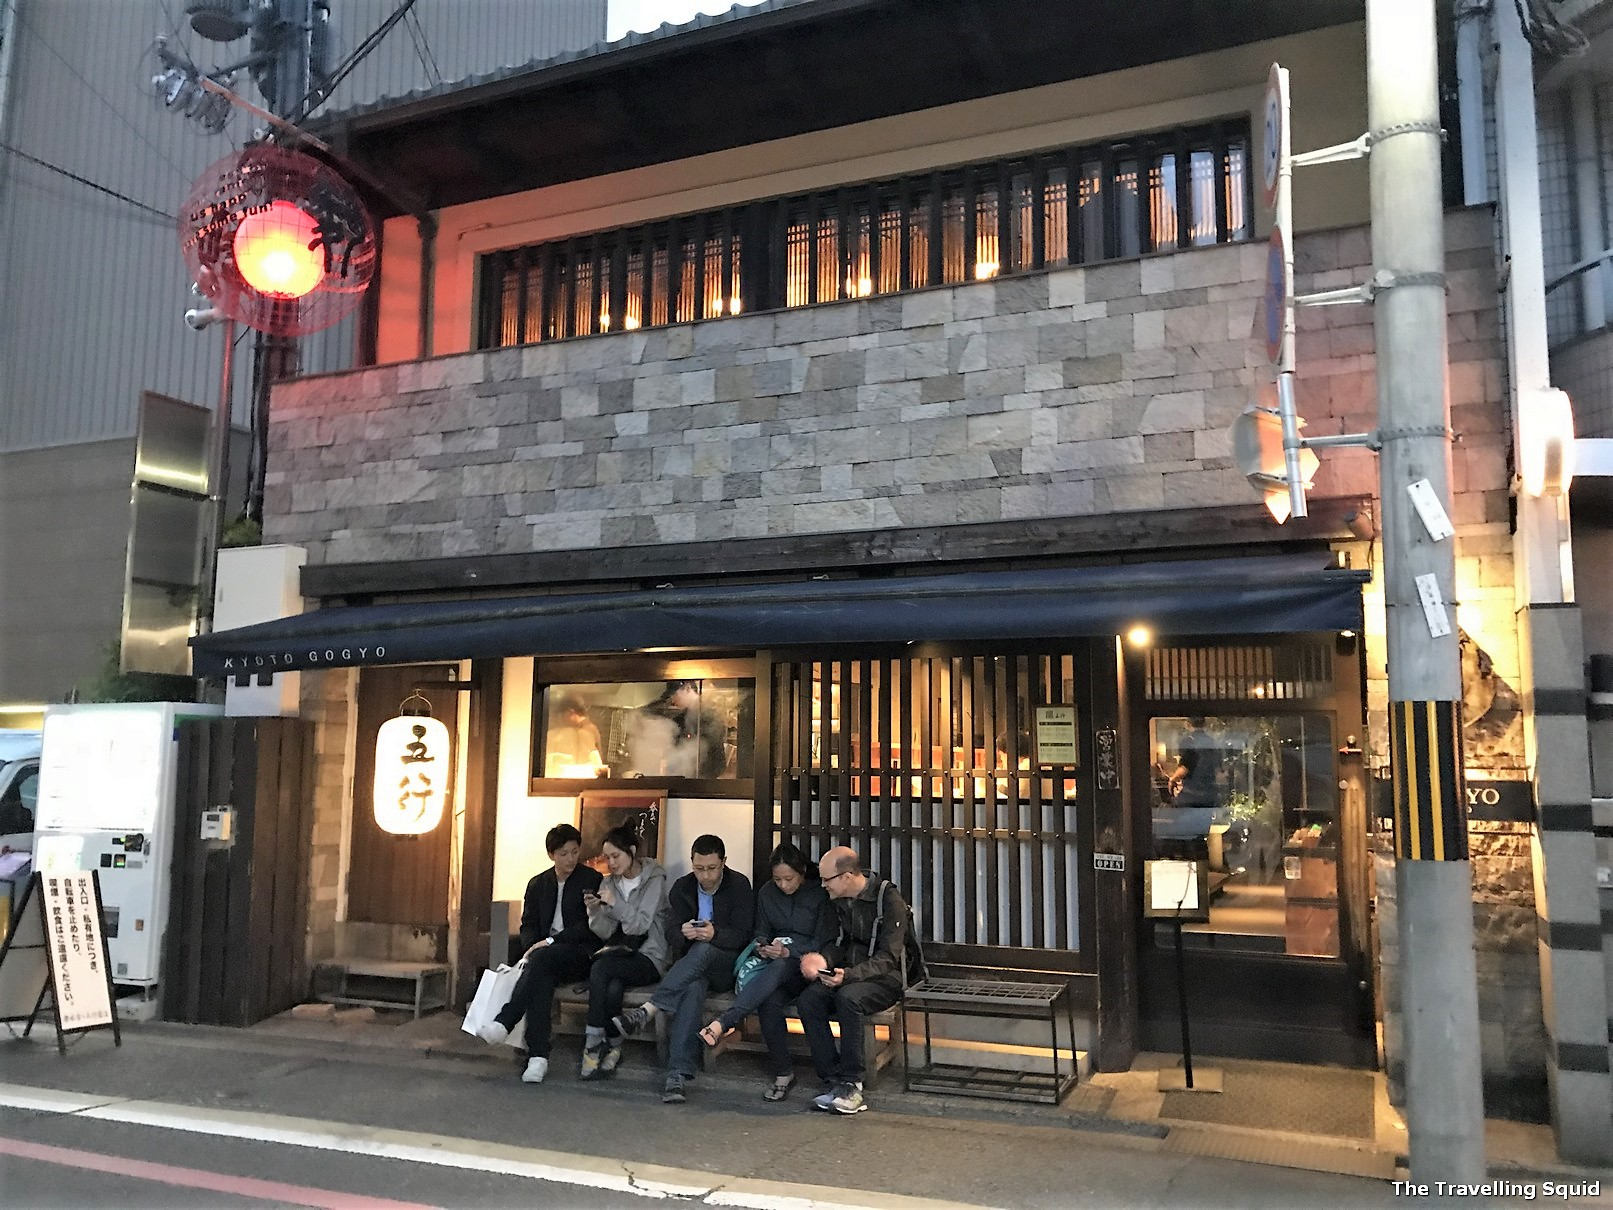 Gogyo Ramen in Kyoto